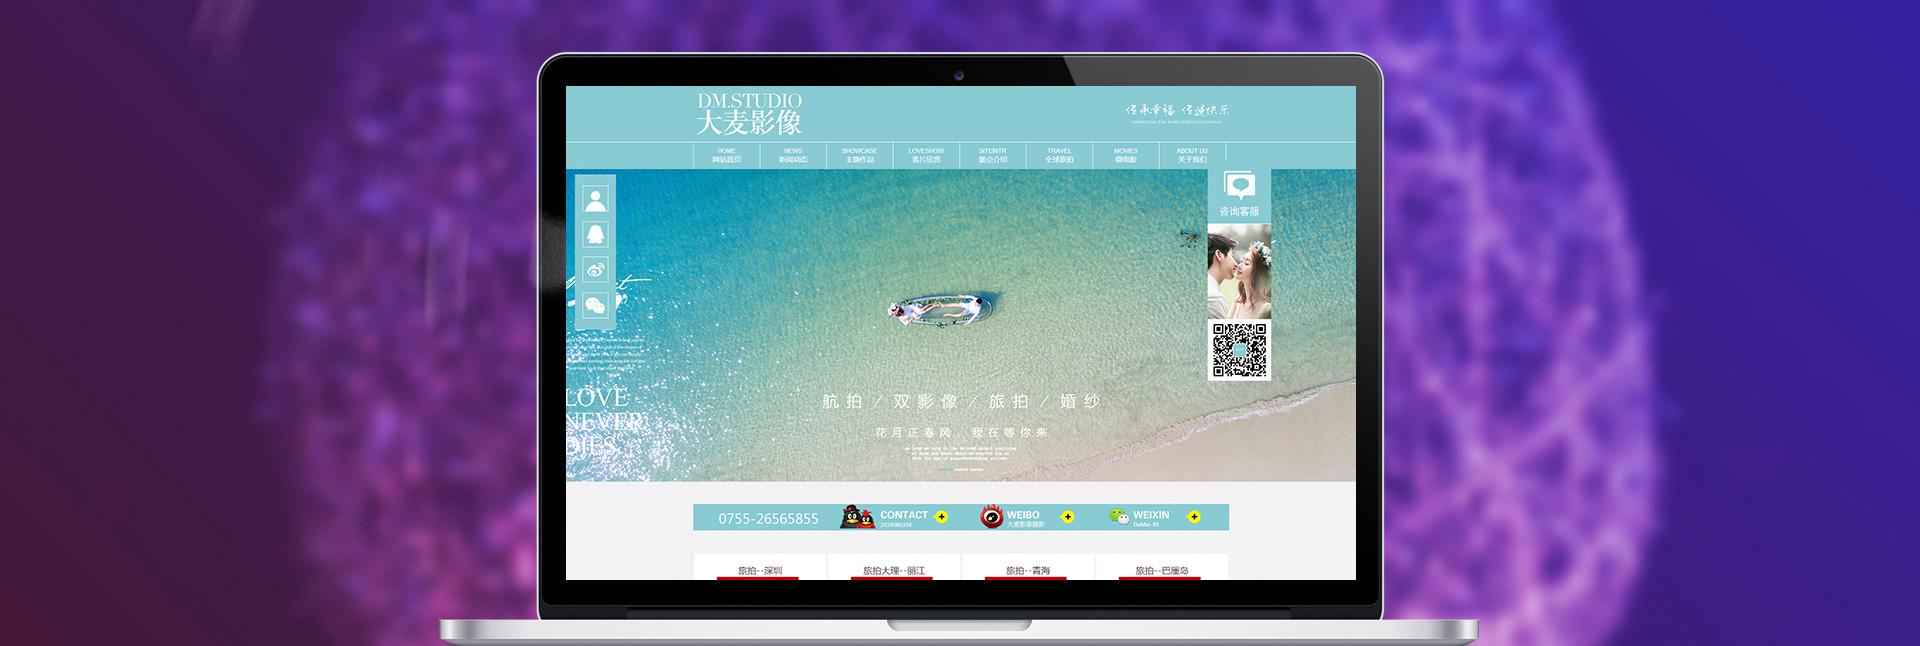 深圳大麦影像